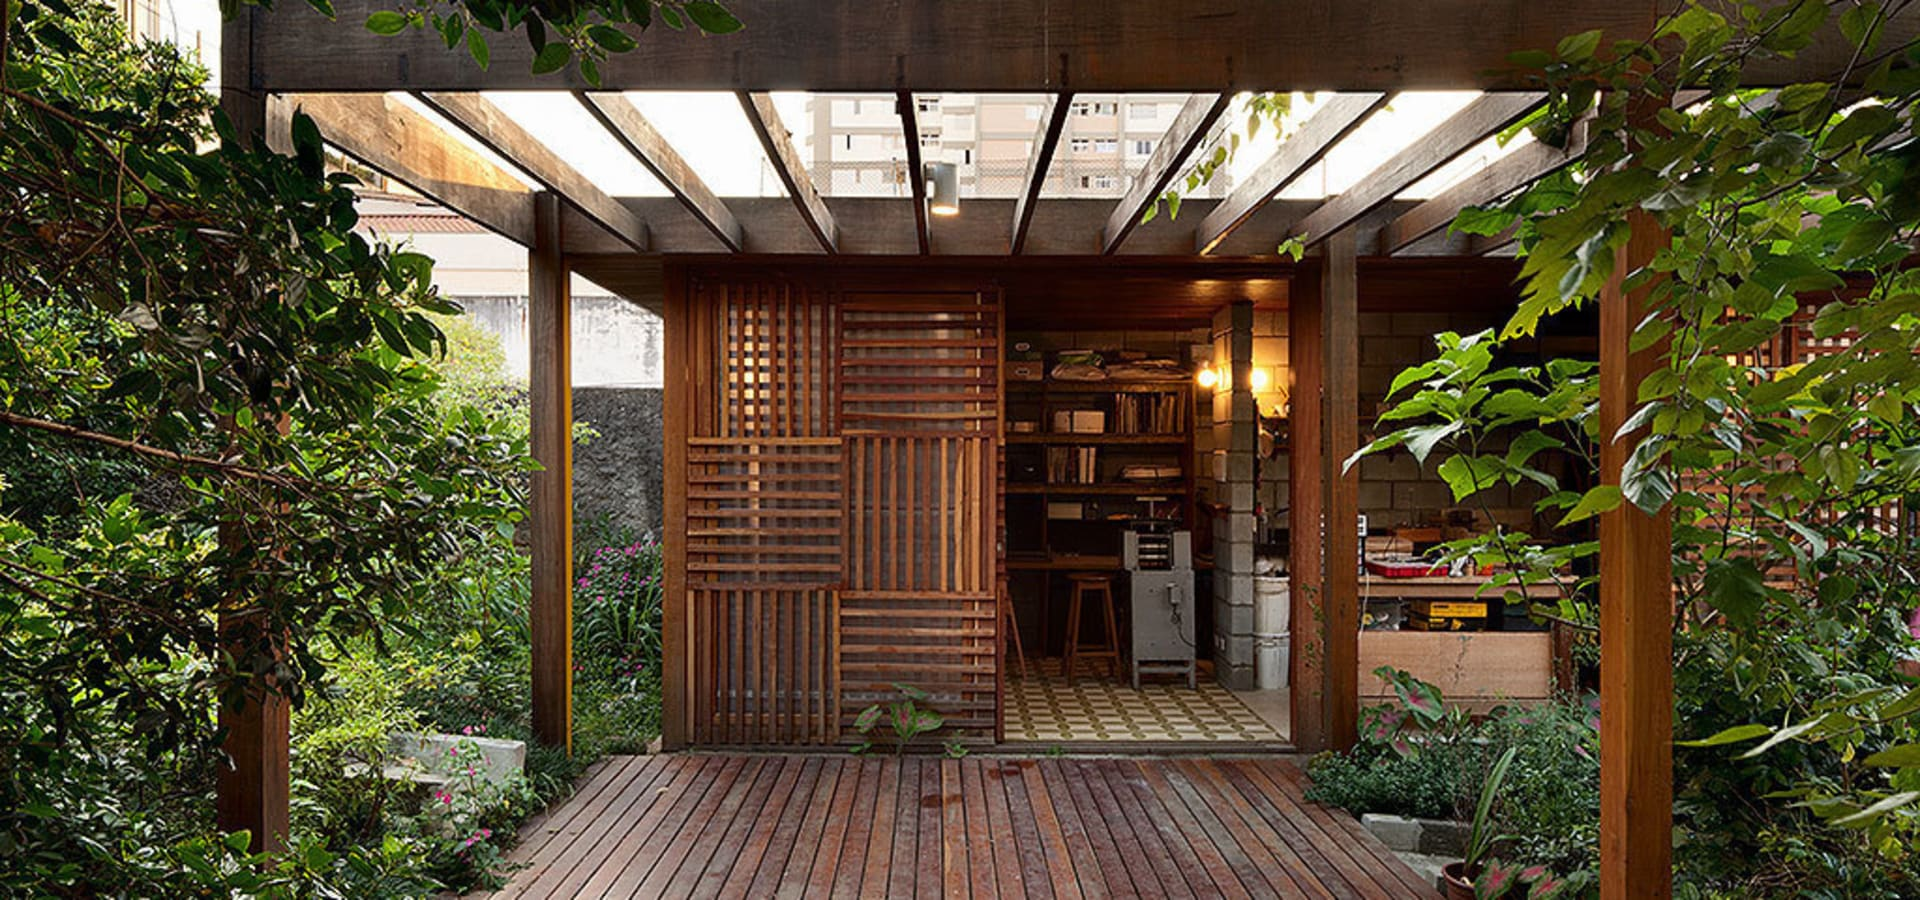 ODVO Arquitetura e Urbanismo